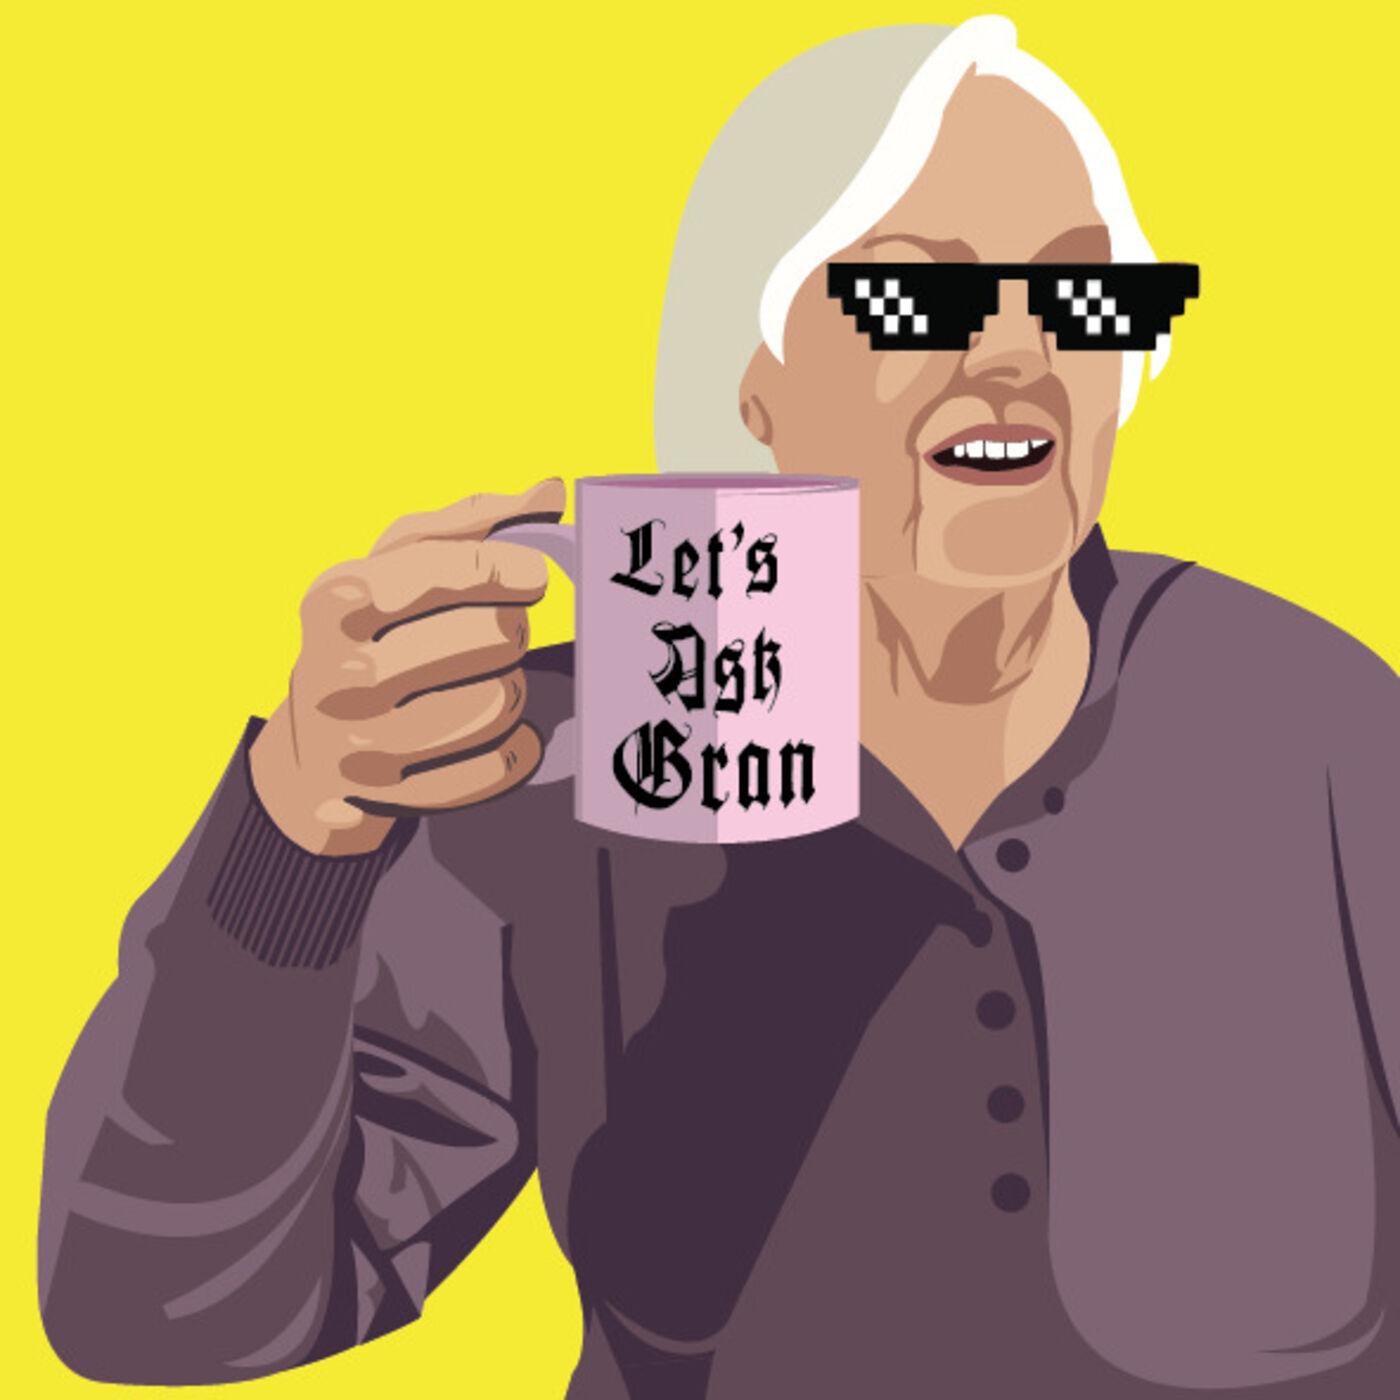 Let's Ask Gran